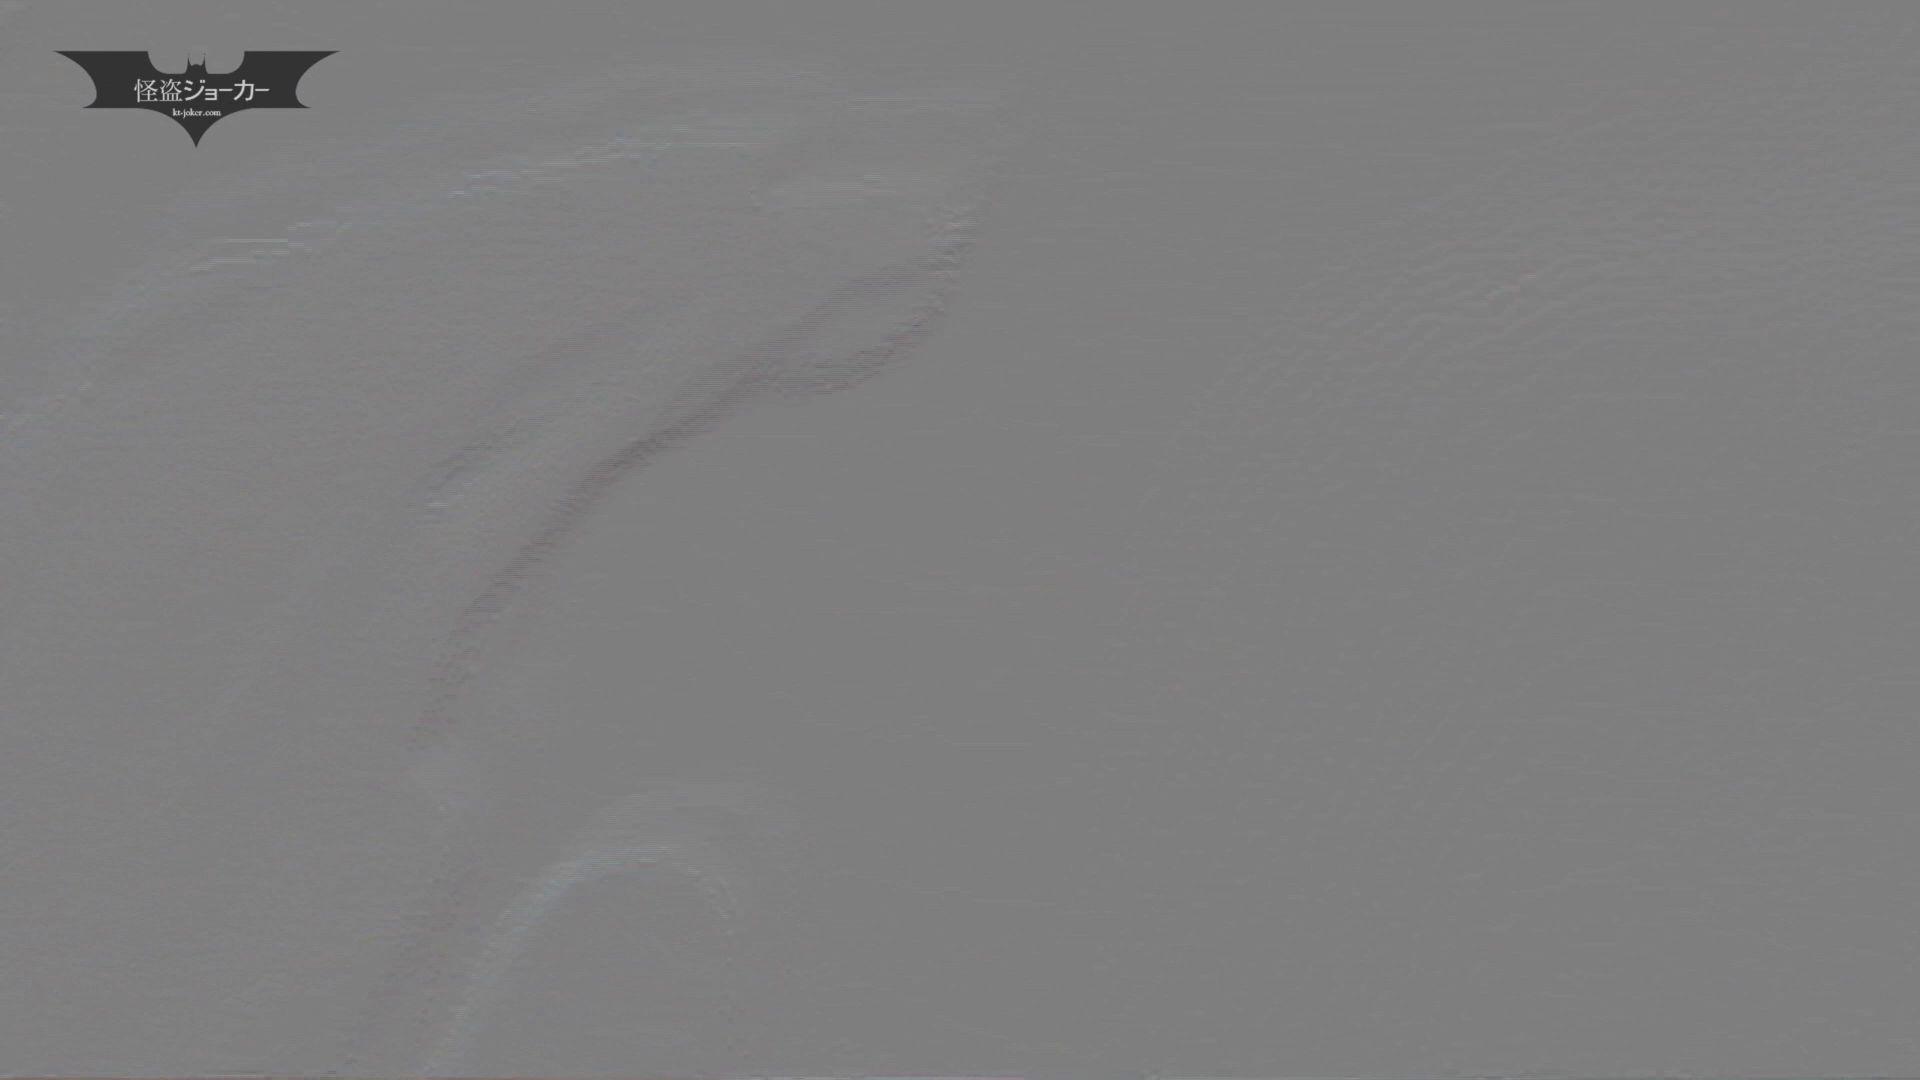 潜入!!台湾名門女学院 Vol.11 三尻同時狩り 美女  87pic 60